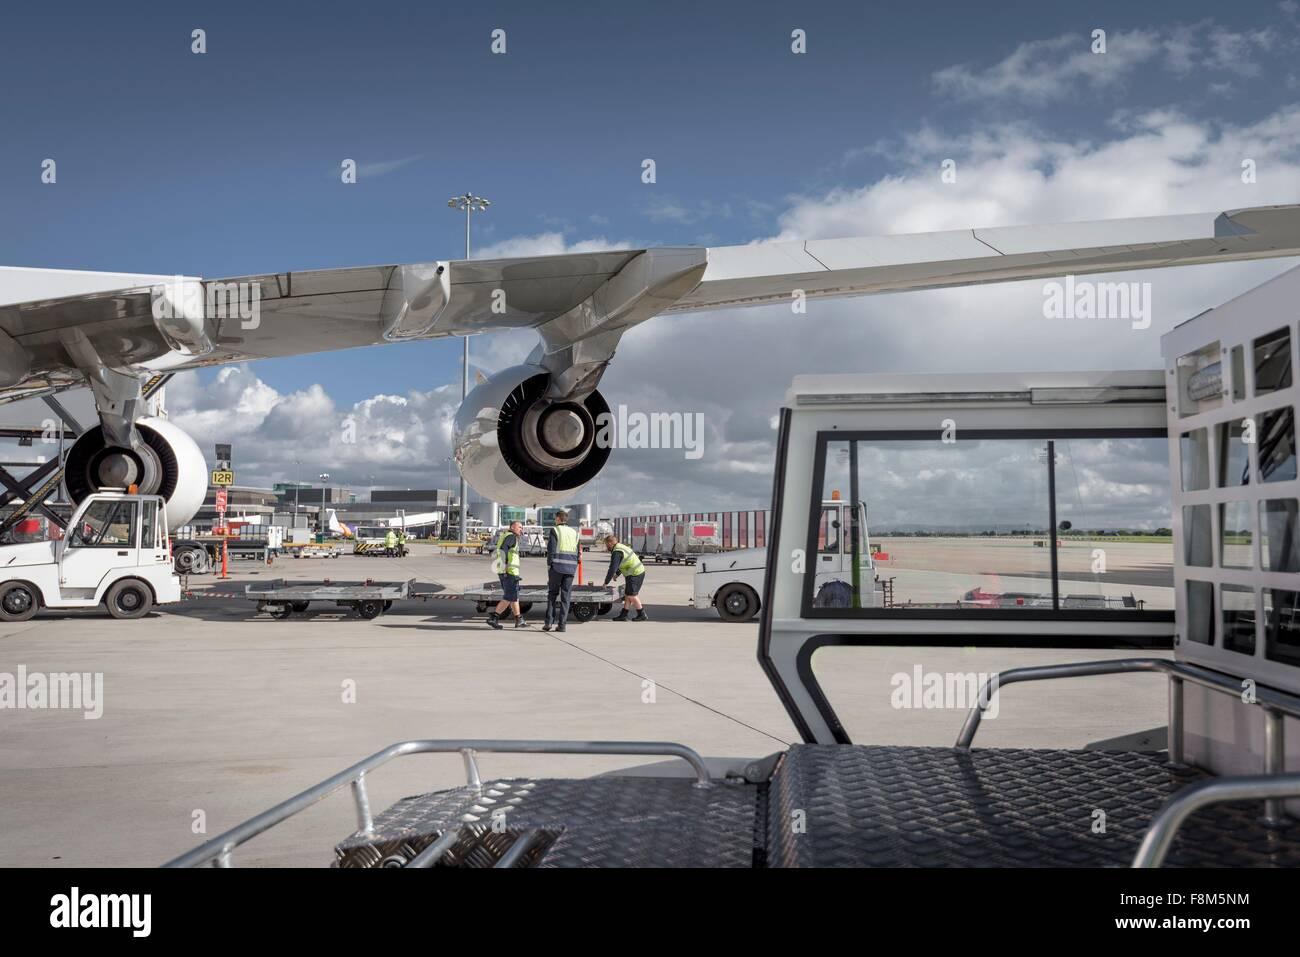 La tripulación en tierra los aviones A380 de carga en el aeropuerto Imagen De Stock